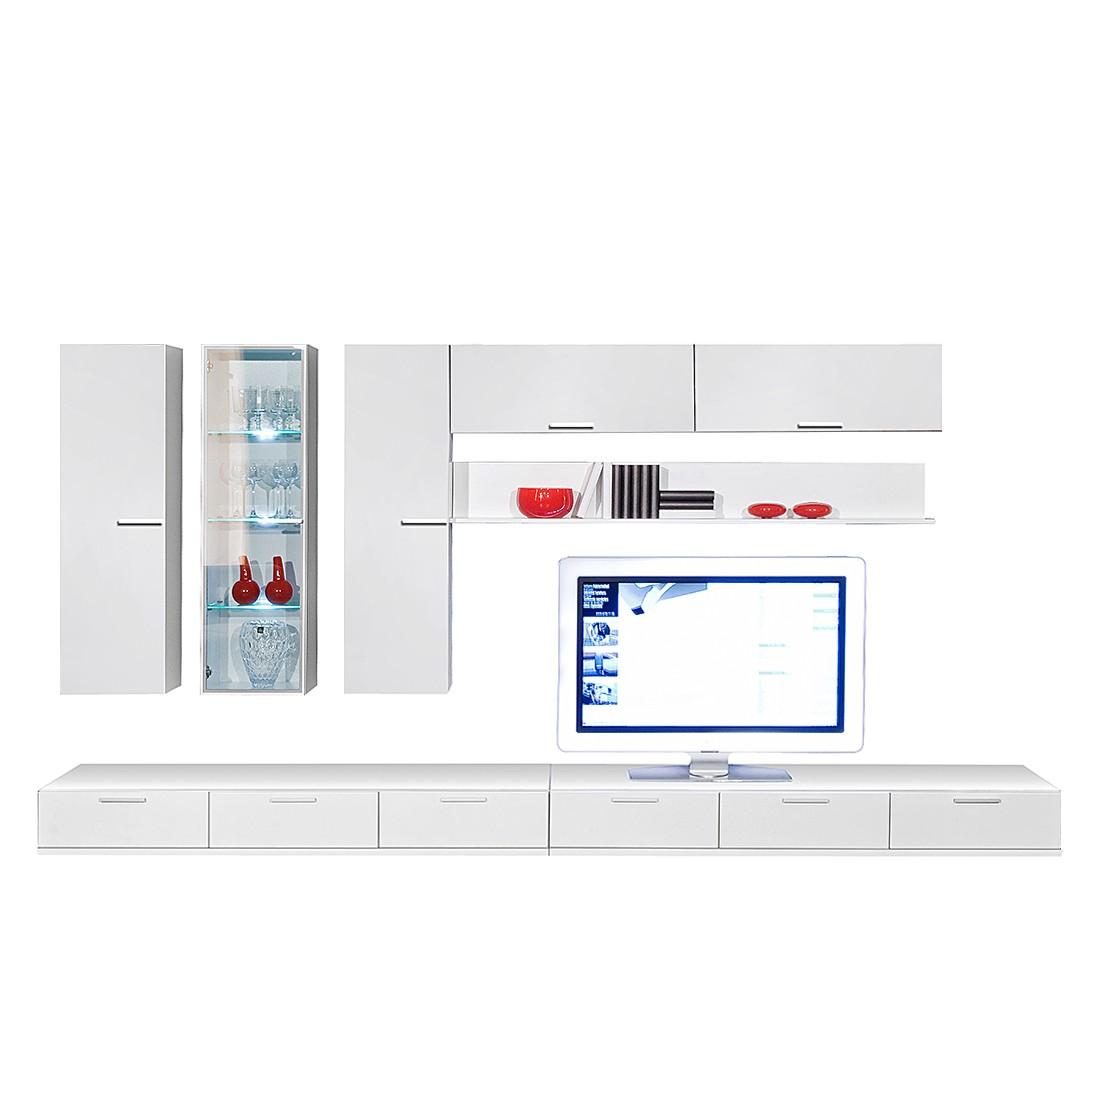 Wohnwand Game (8-teilig) mit Parsolglas – Weiß, Arte M günstig kaufen